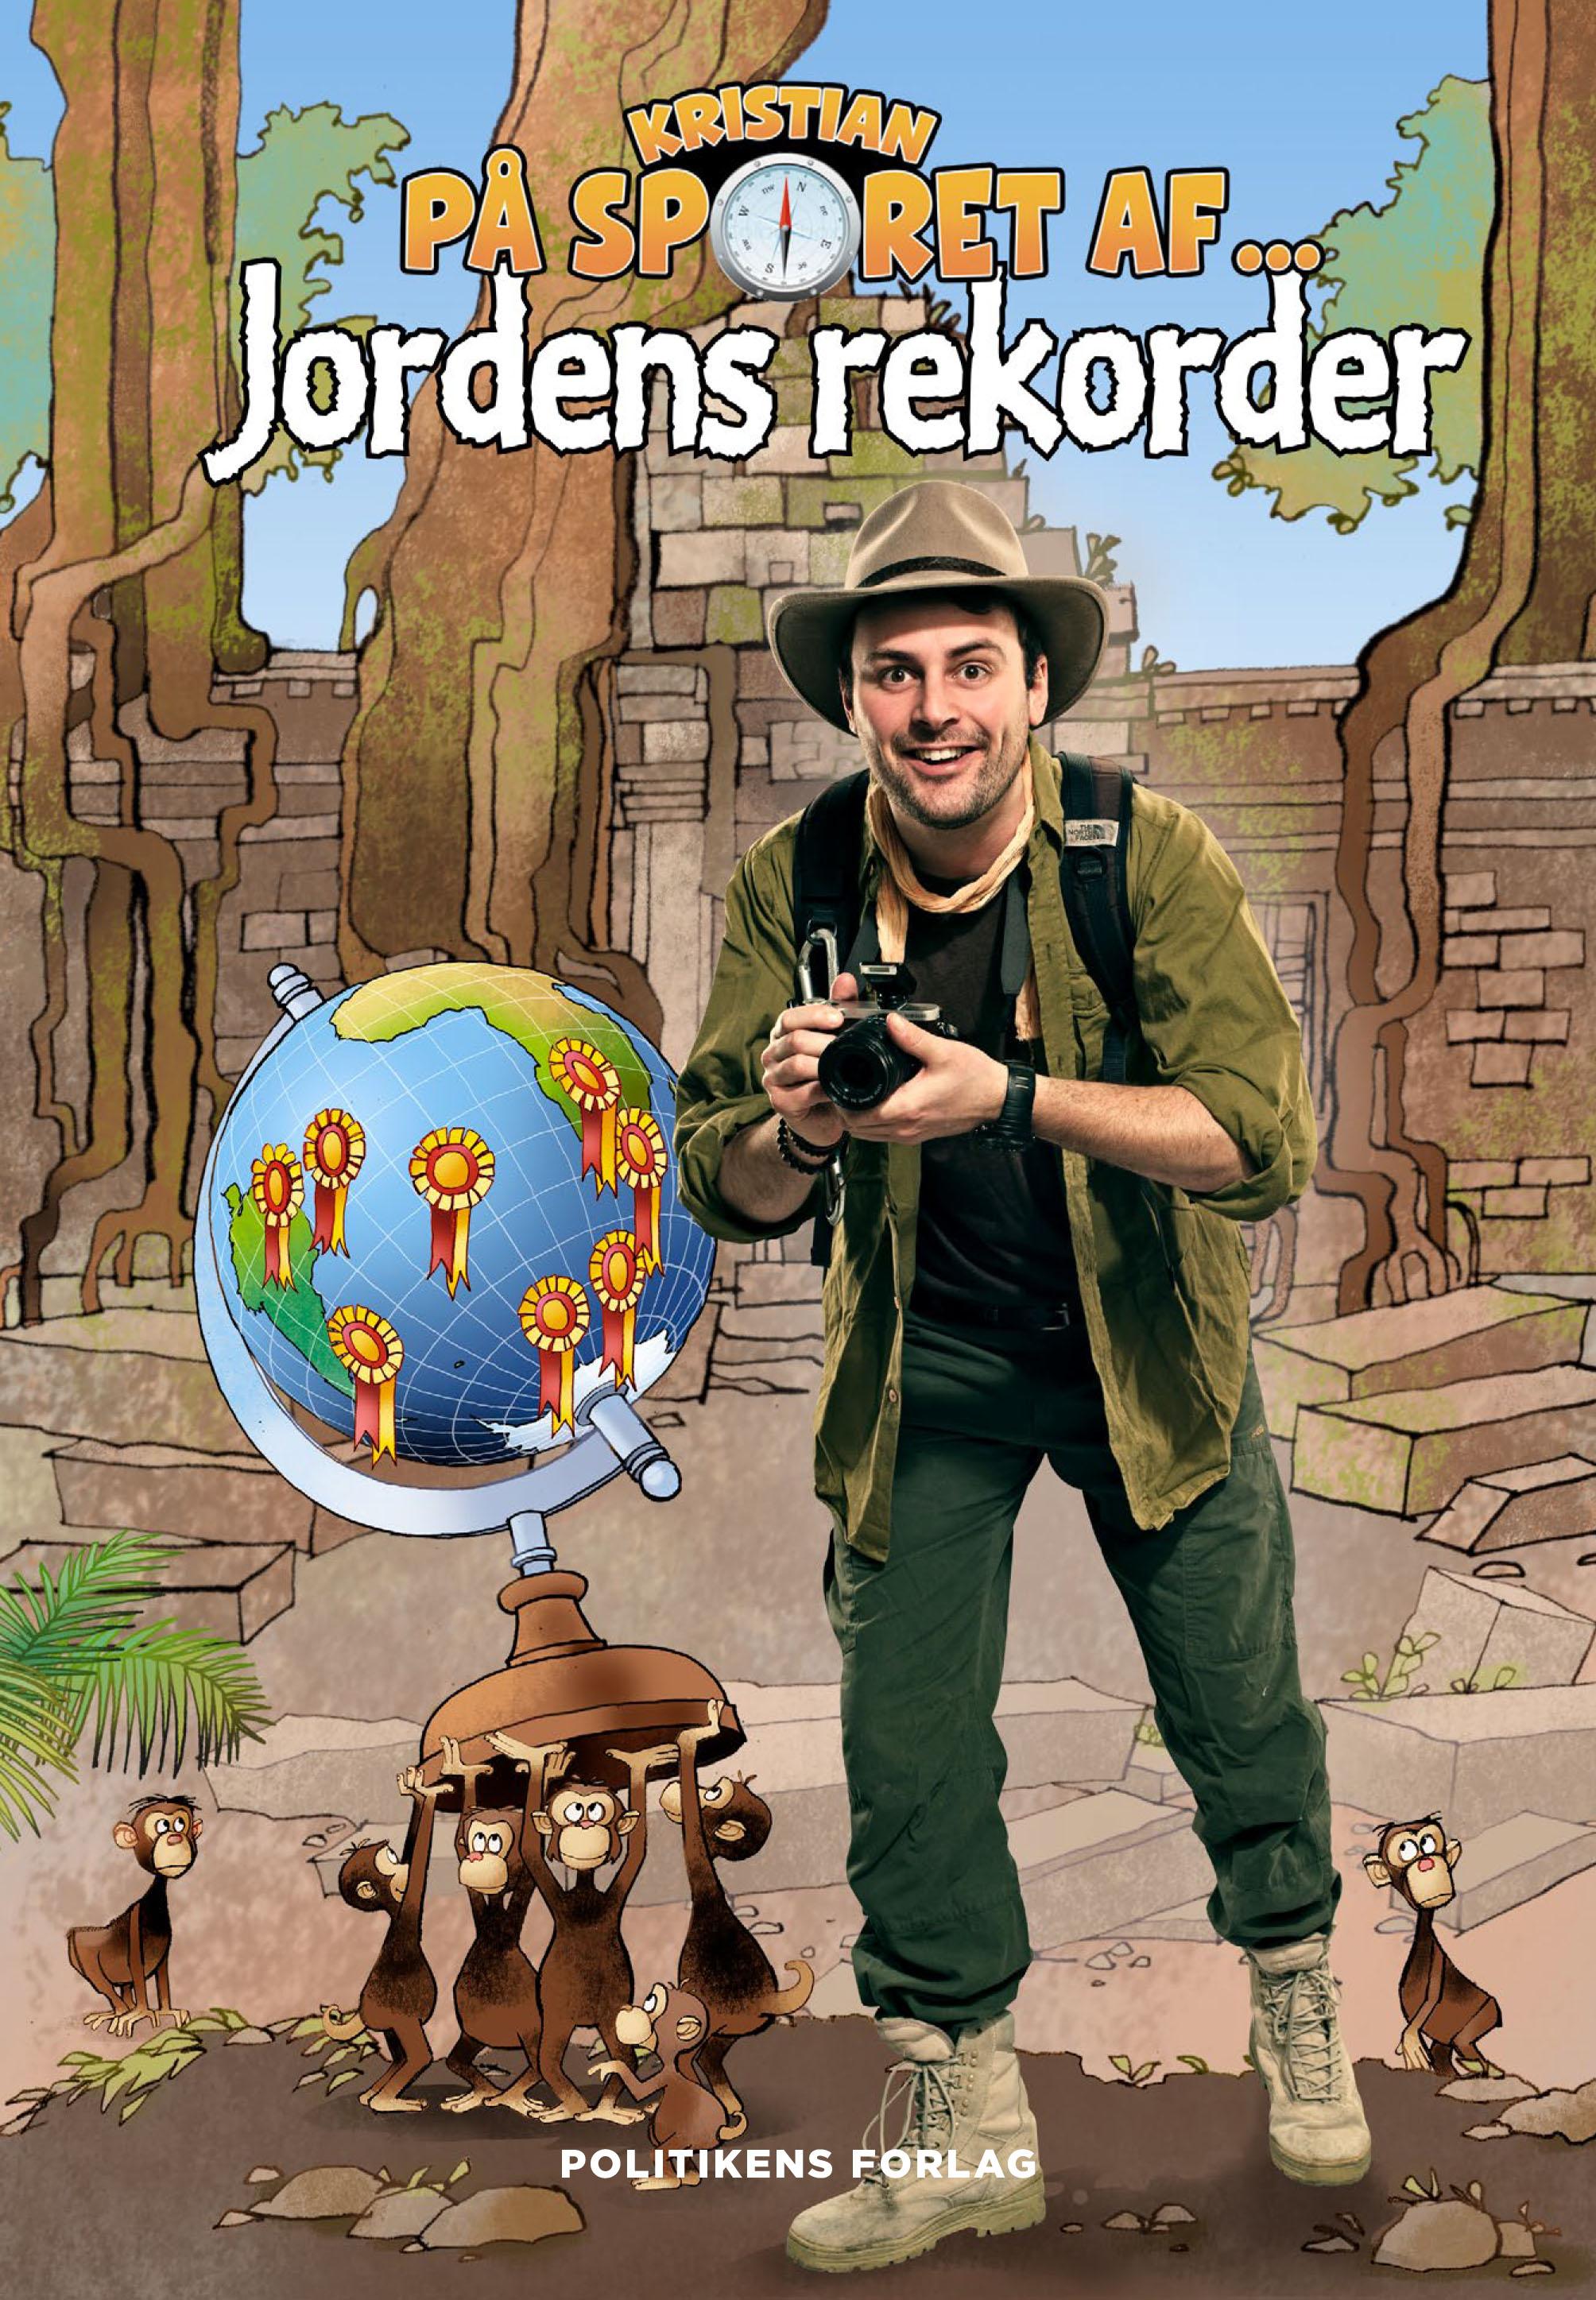 Kristian på sporet af jordens rekorder - Kristian Gintberg - Bøger - Politikens Forlag - 9788740062311 - 18/9-2020